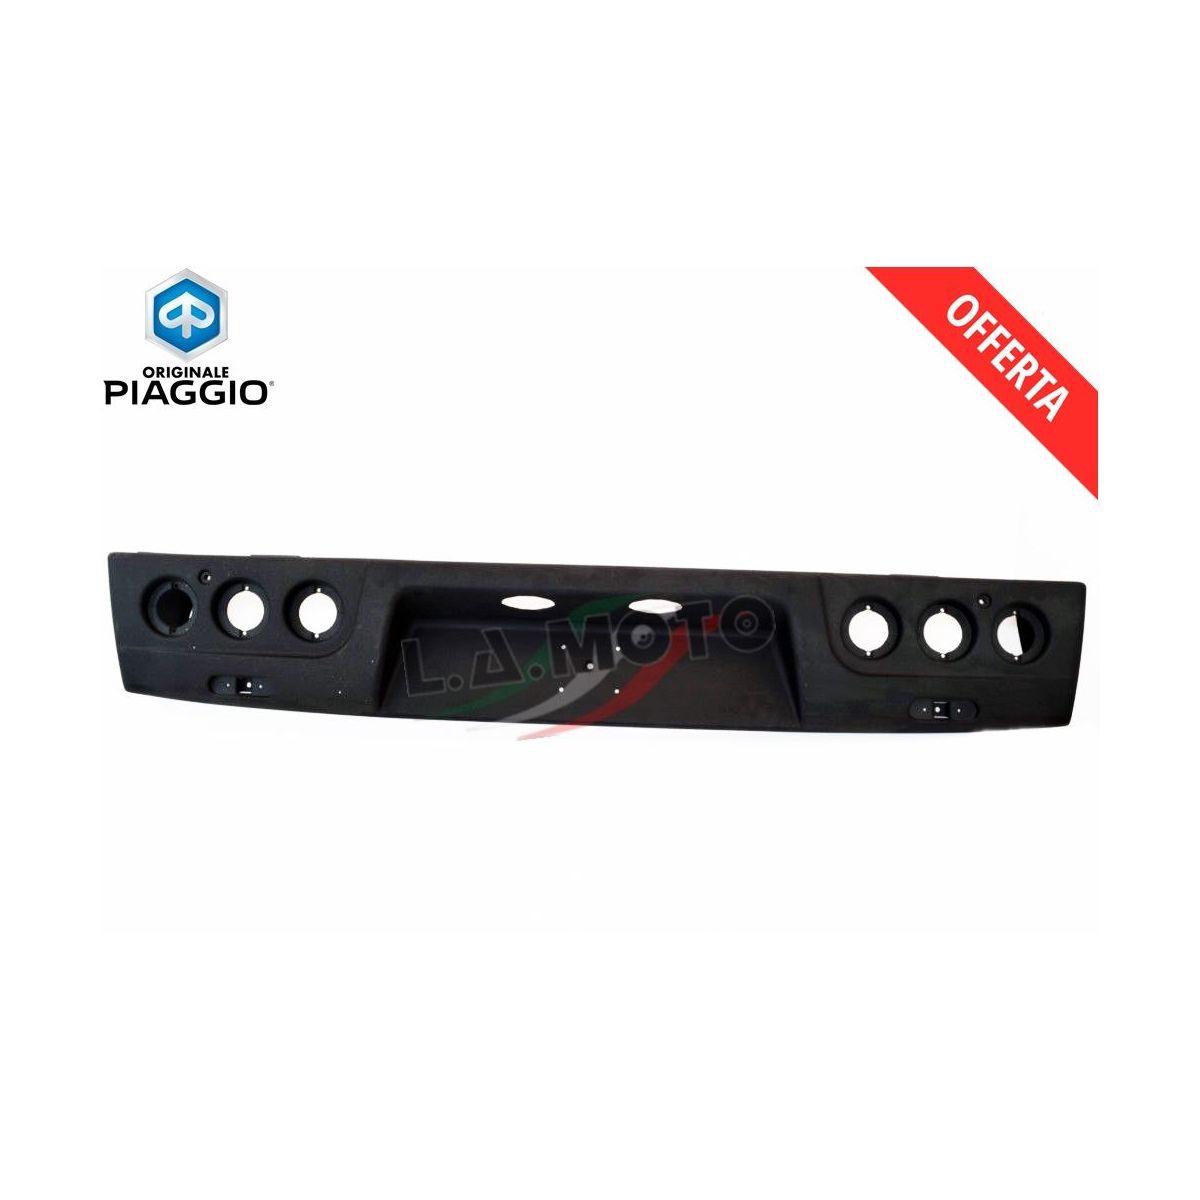 PARAURTI POSTERIORE PER PIAGGIO PORTER / QUARGO ORIGINALE PIAGGIO 614833